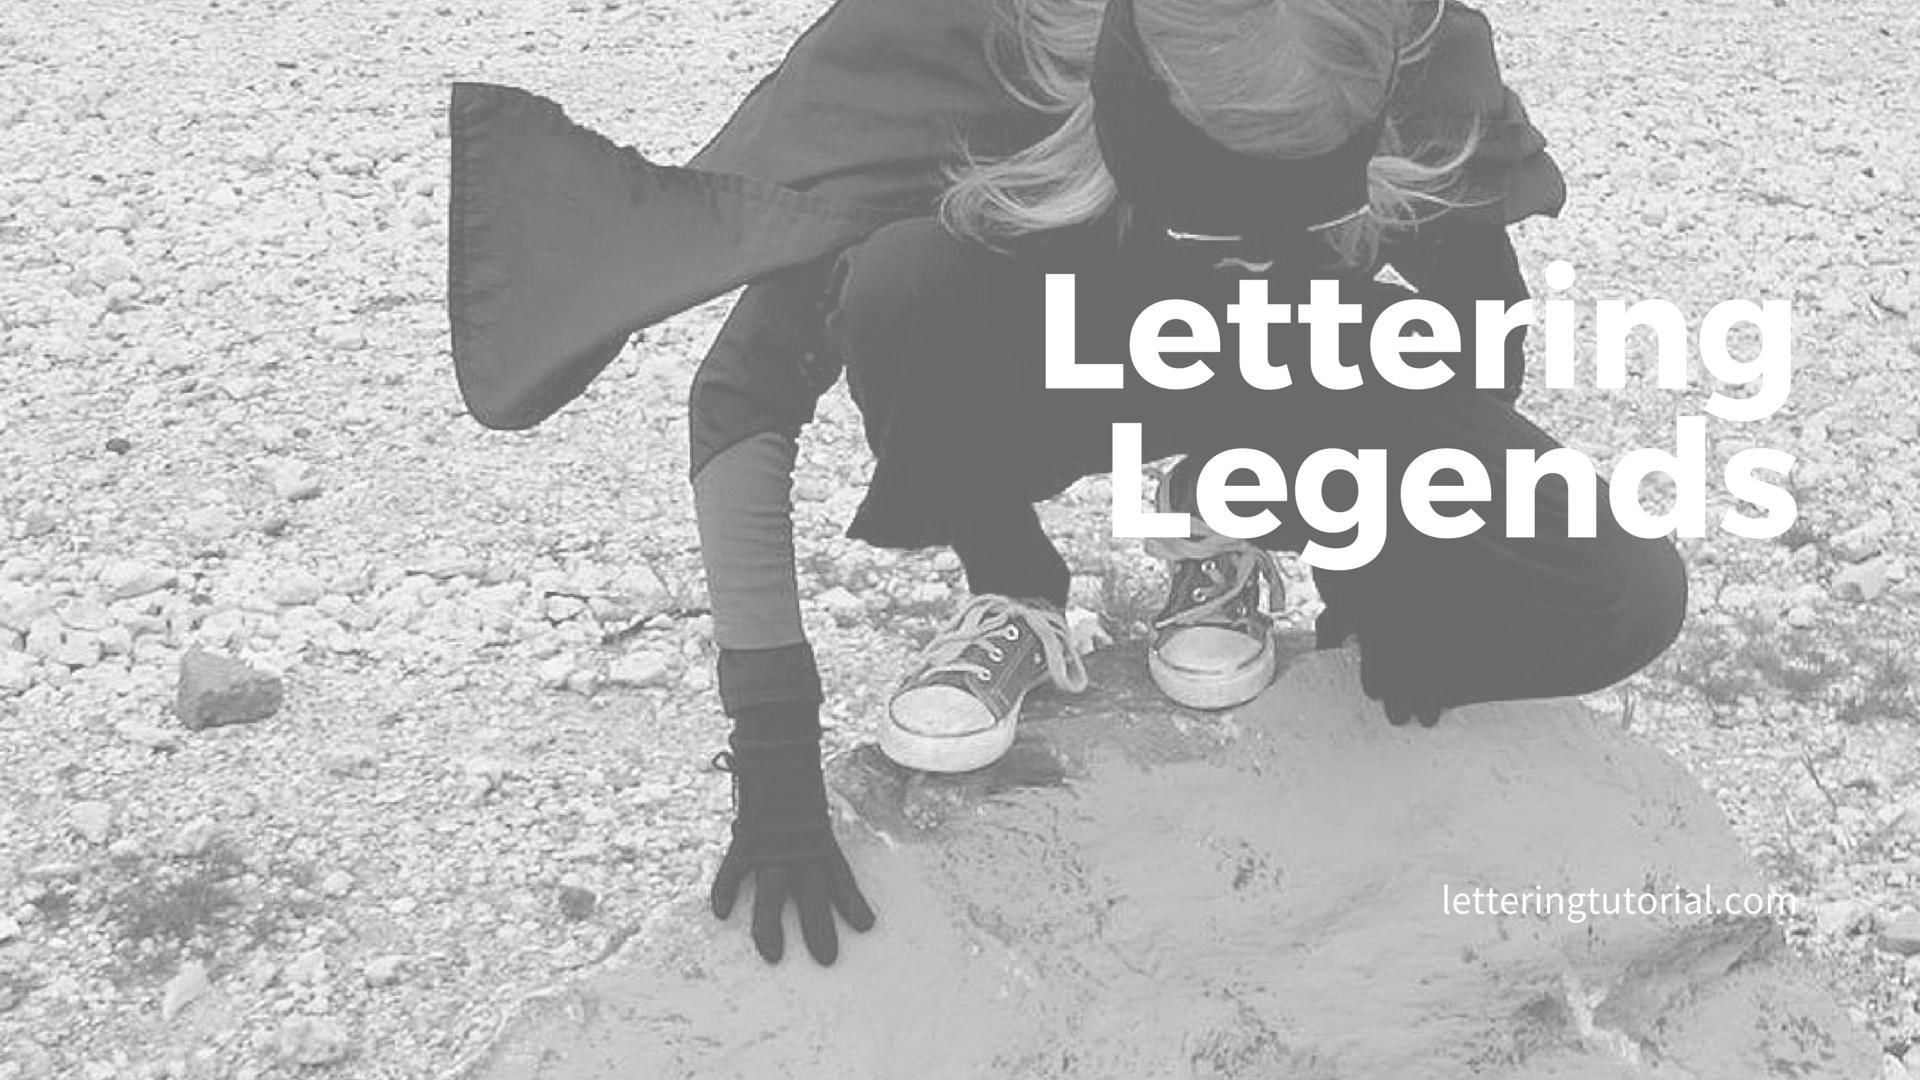 Lettering Legends